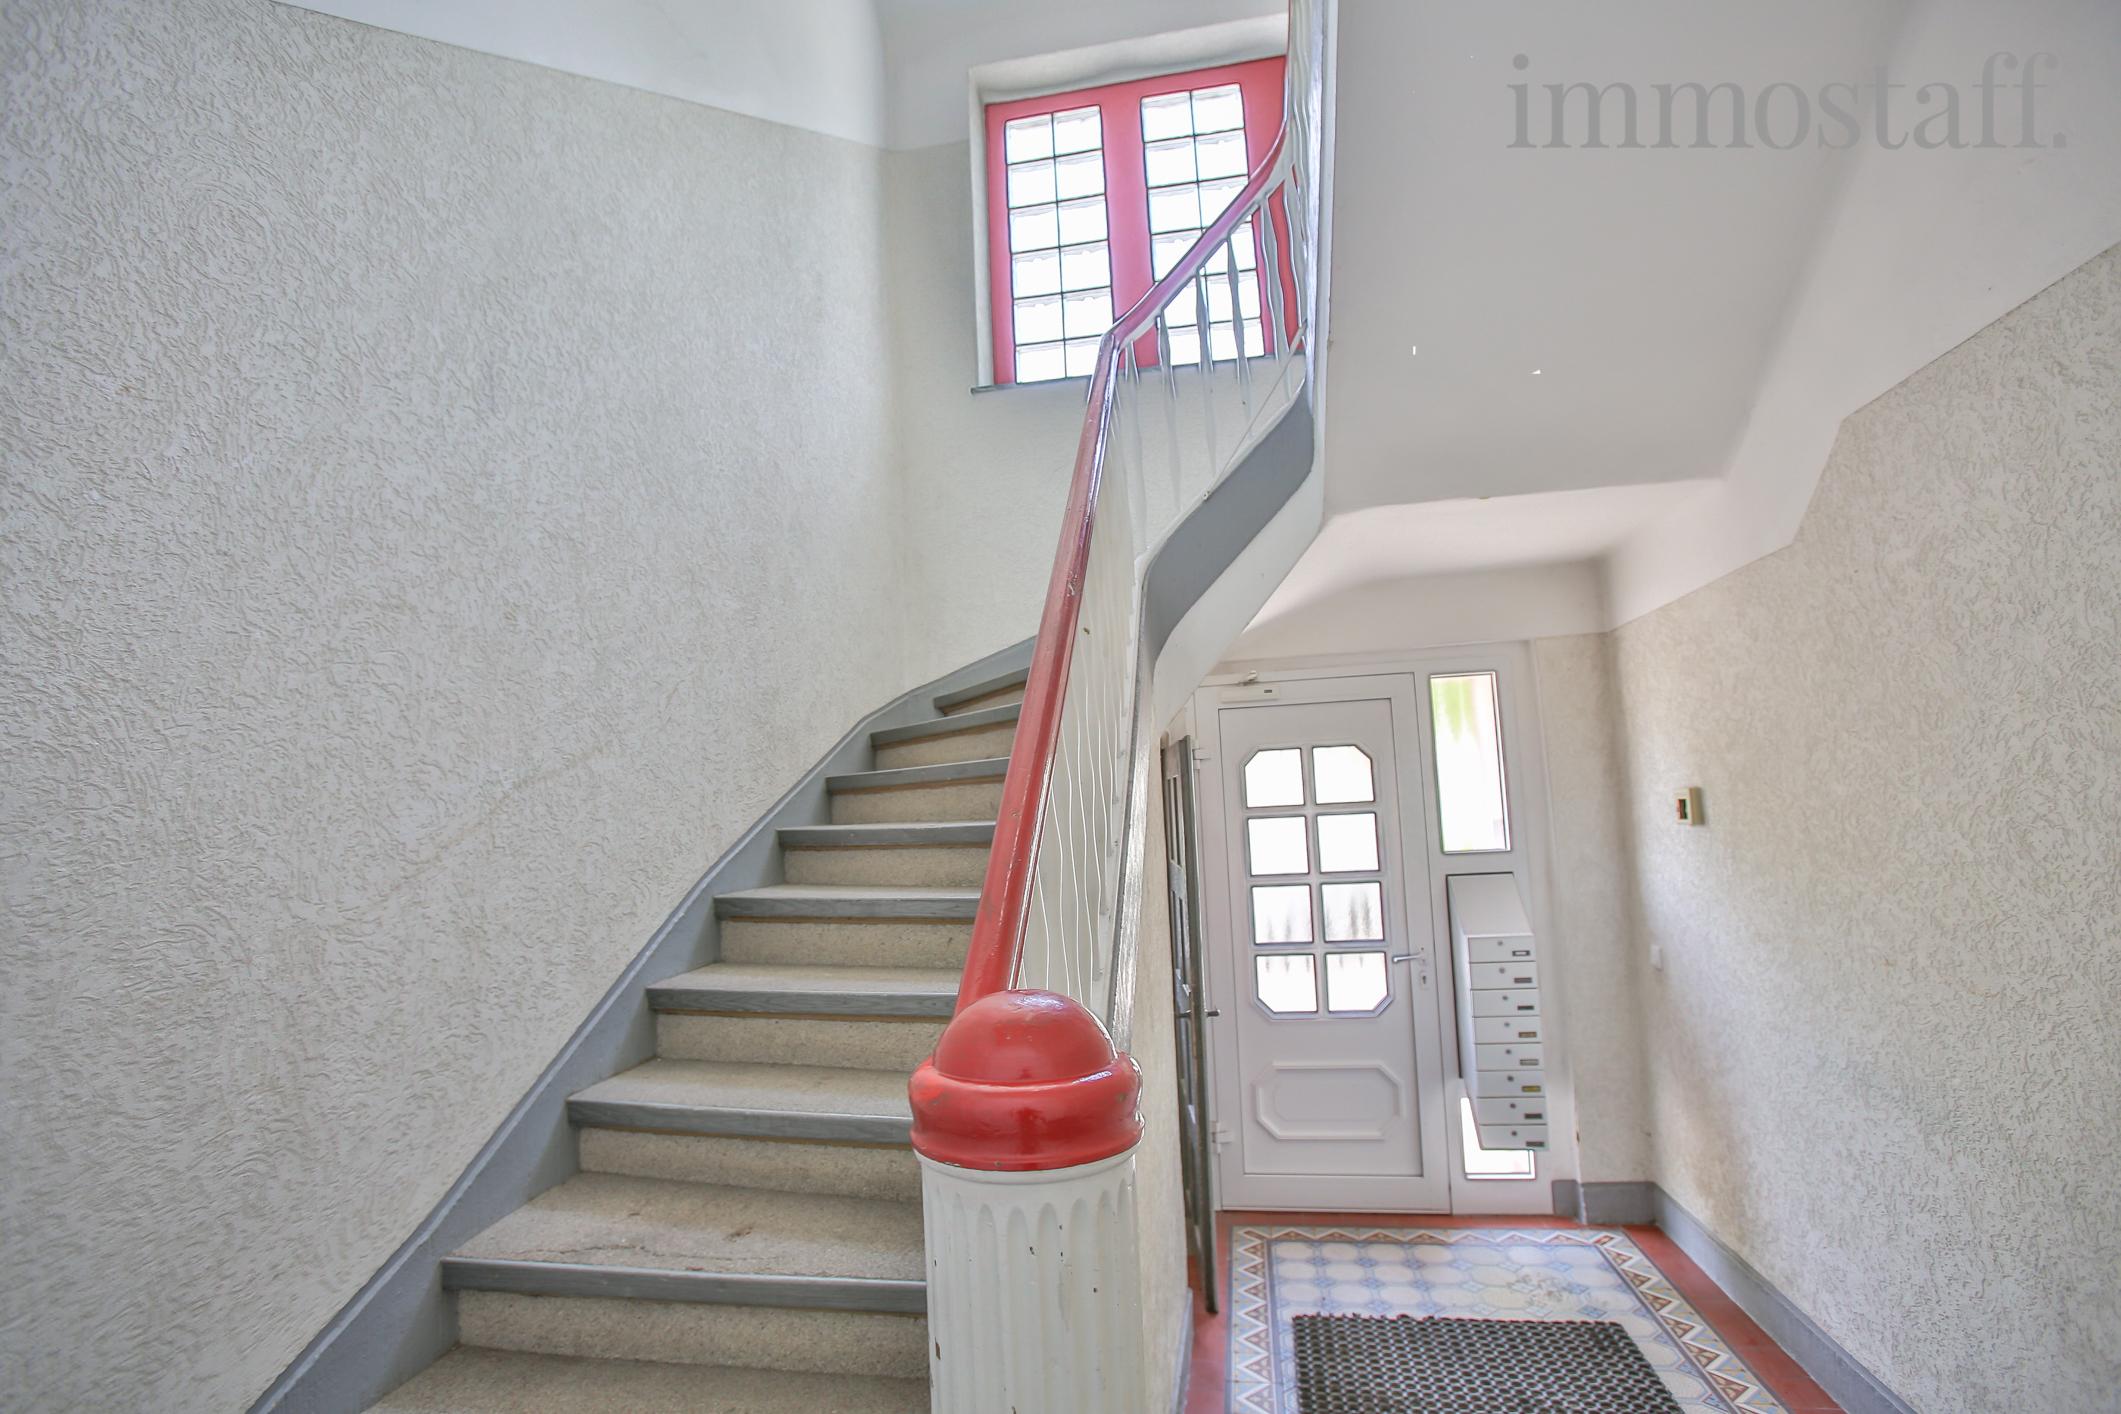 gladbeck mietwohnung mit balkon neuem bad und gro en r umen. Black Bedroom Furniture Sets. Home Design Ideas